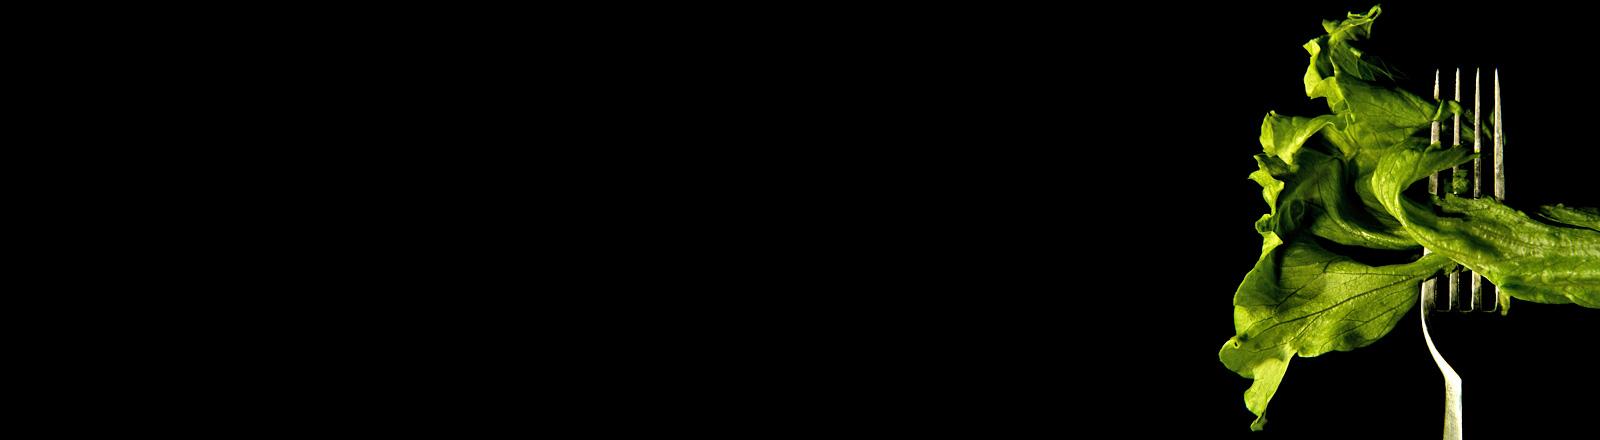 Auf schwarzem Hintergrund ist eine Gabel zu sehen, auf der ein Salatblatt aufgespießt ist.